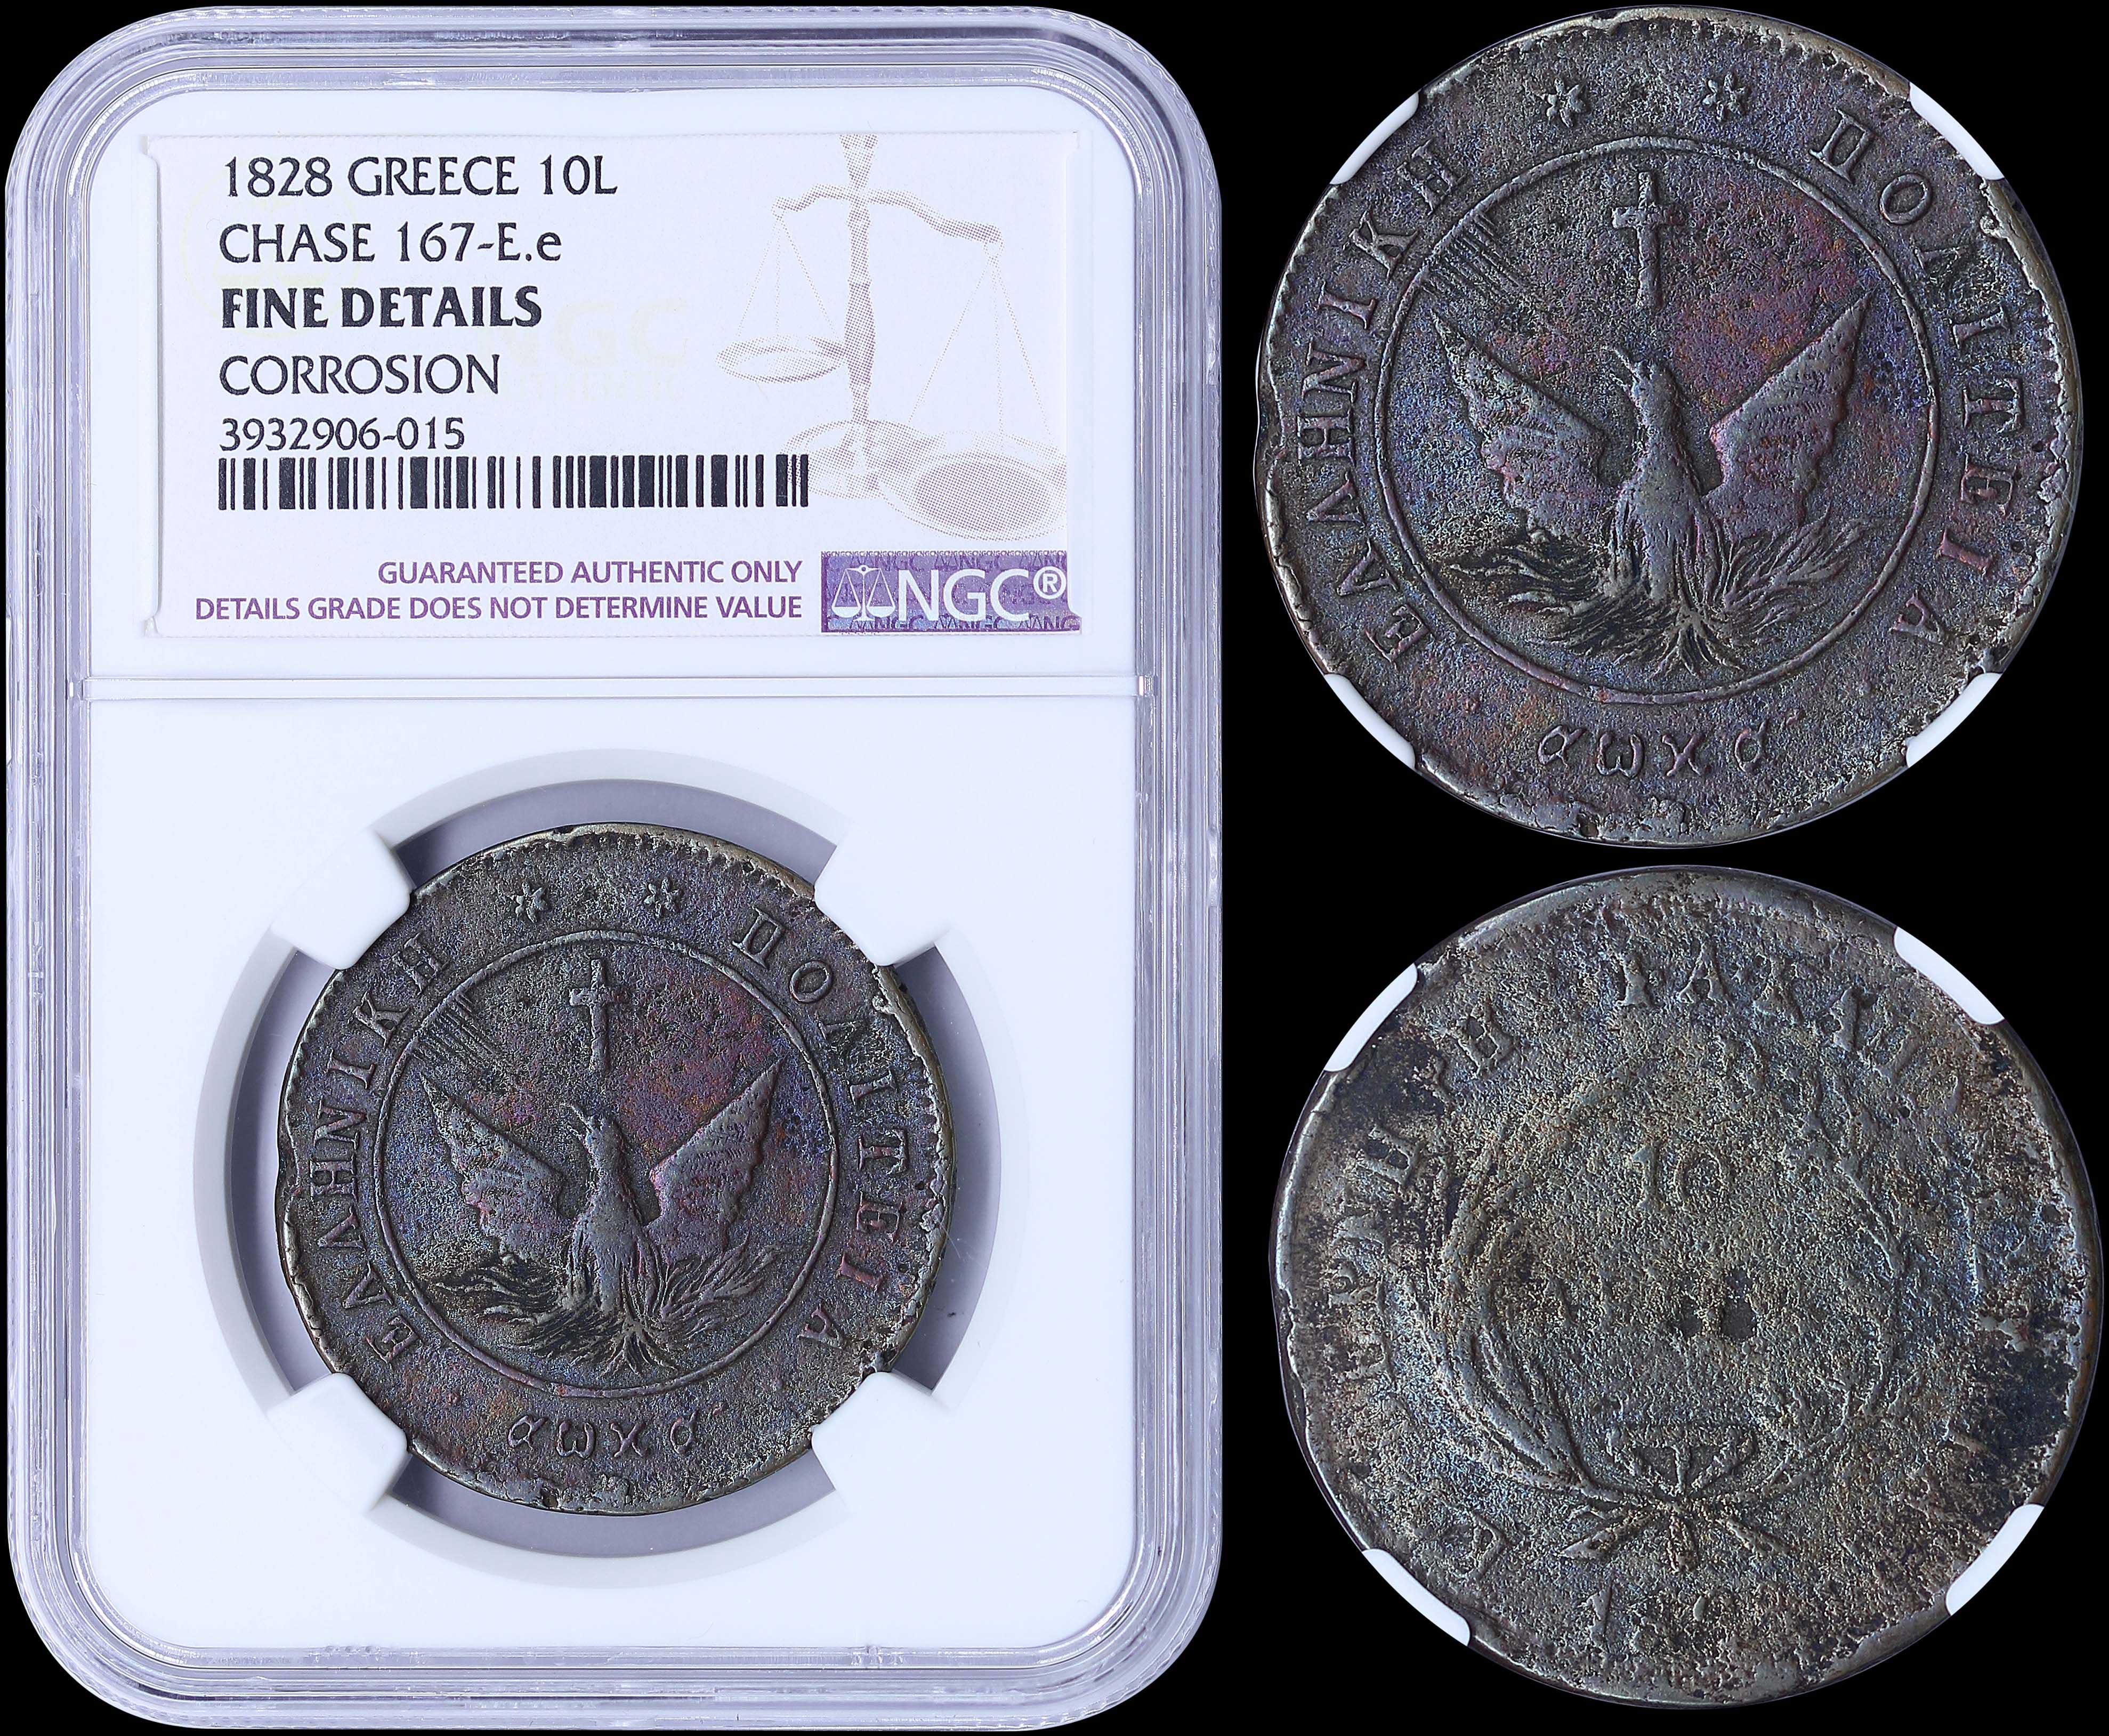 Lot 6017 - -  COINS & TOKENS governor capodistrias -  A. Karamitsos Public & Live Internet Auction 671 (Part A)